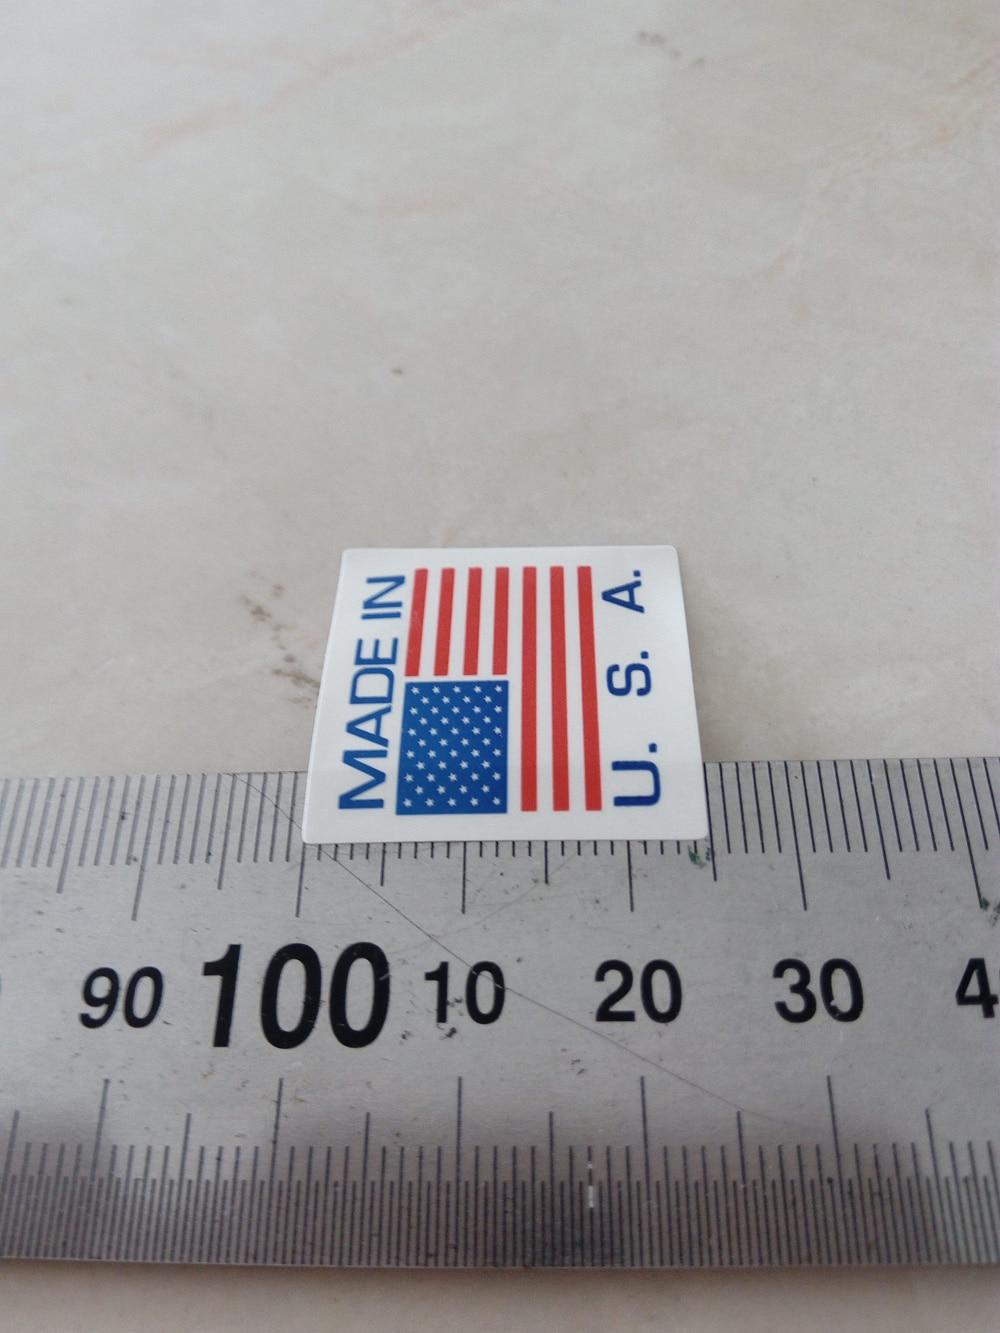 10000 шт./лот 25x25 мм Сделано в США. s. самоклеющиеся бумажная этикетка наклейка для продуктов, арт. SL10